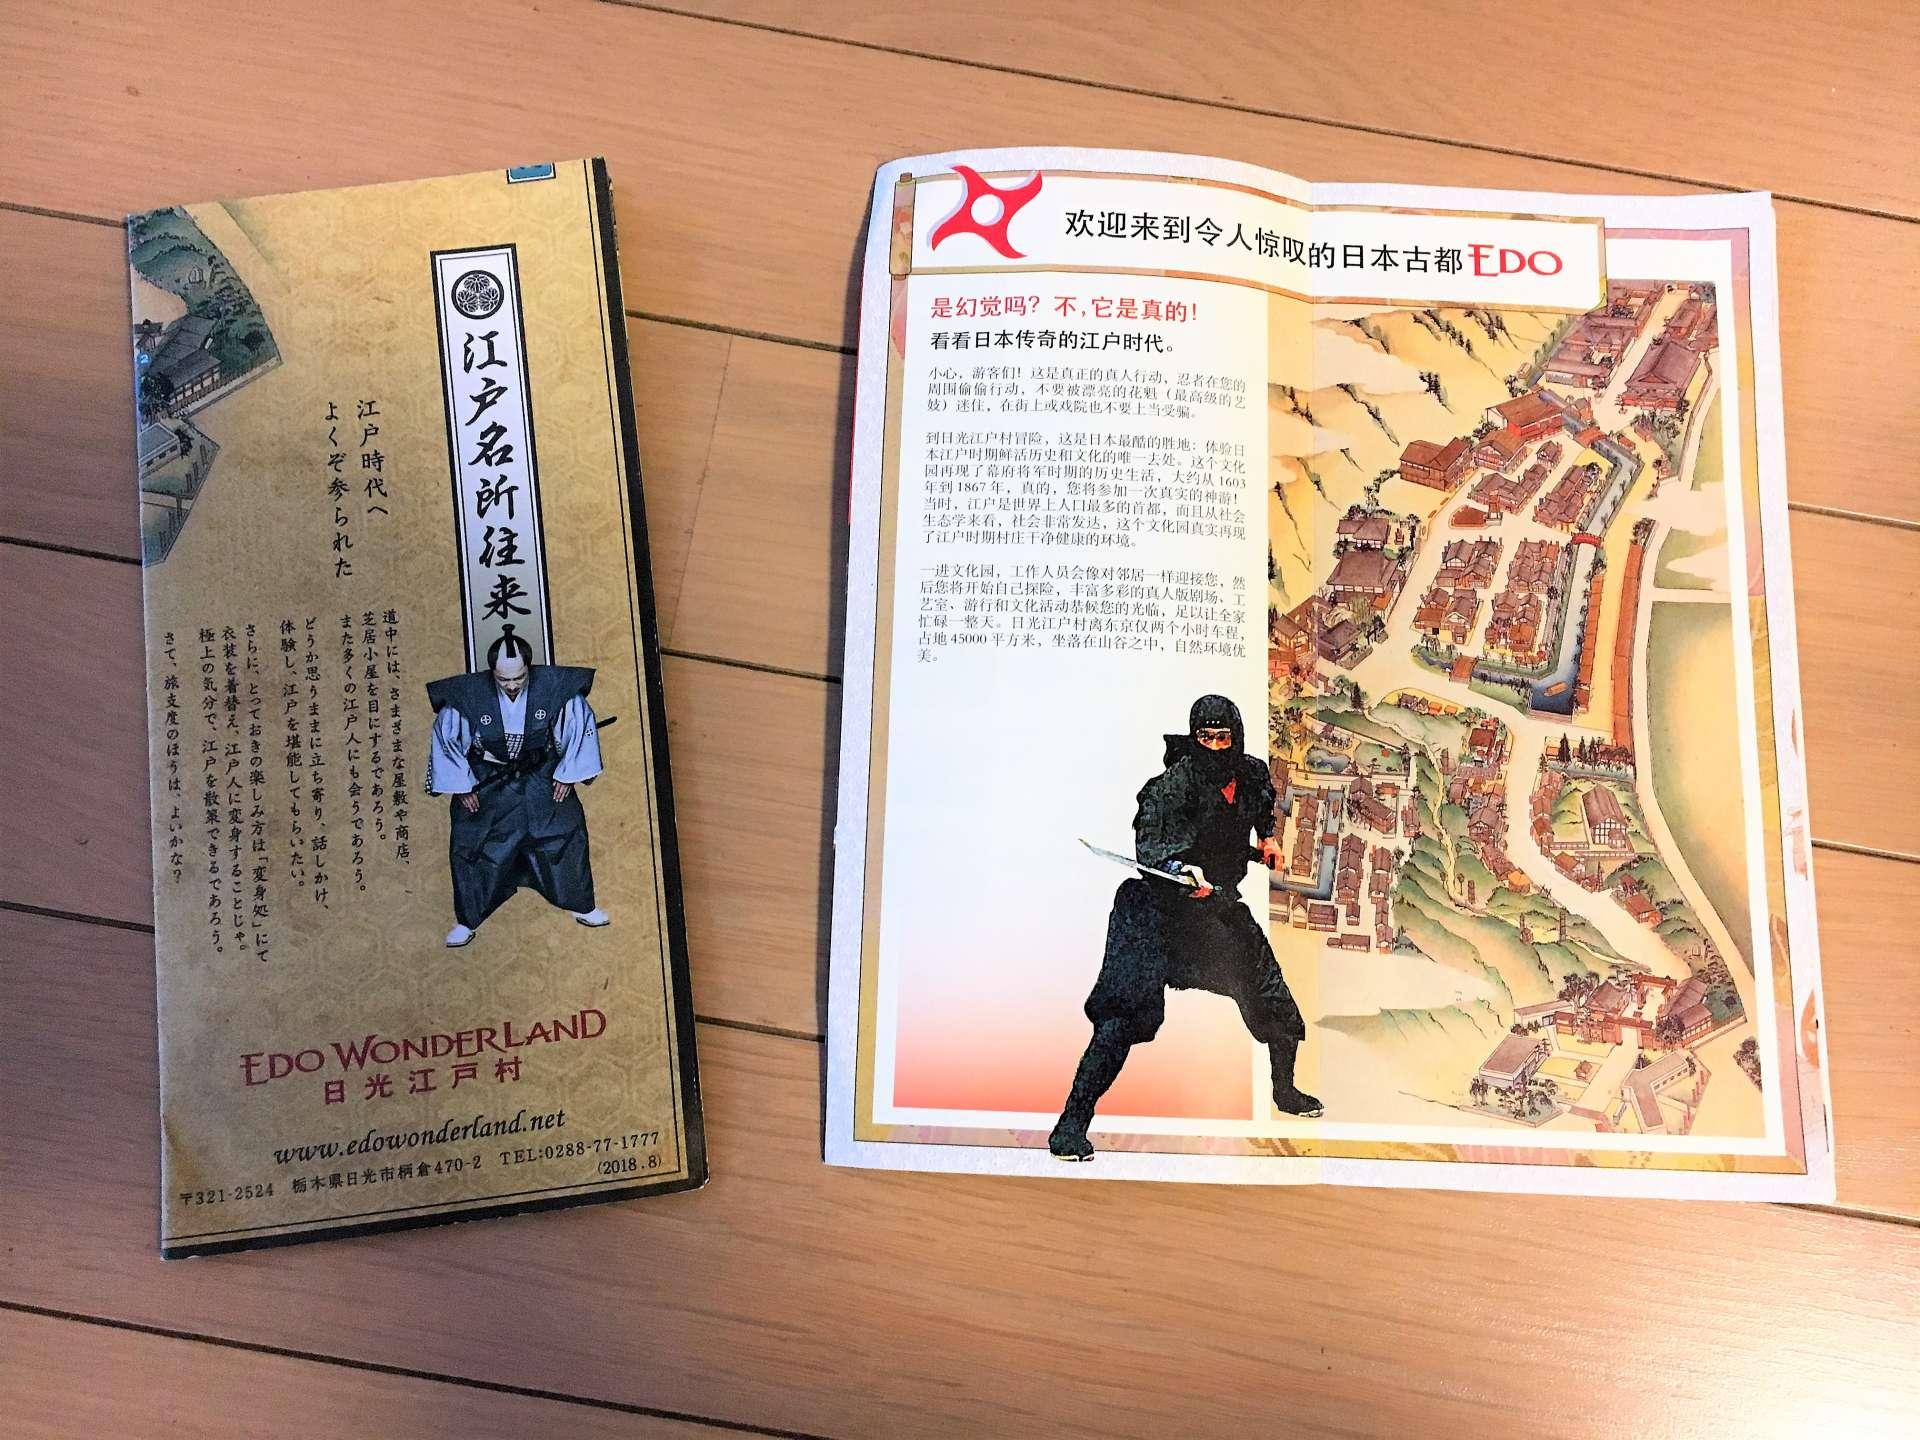 介紹江戶村的小冊子(右邊是中文版)